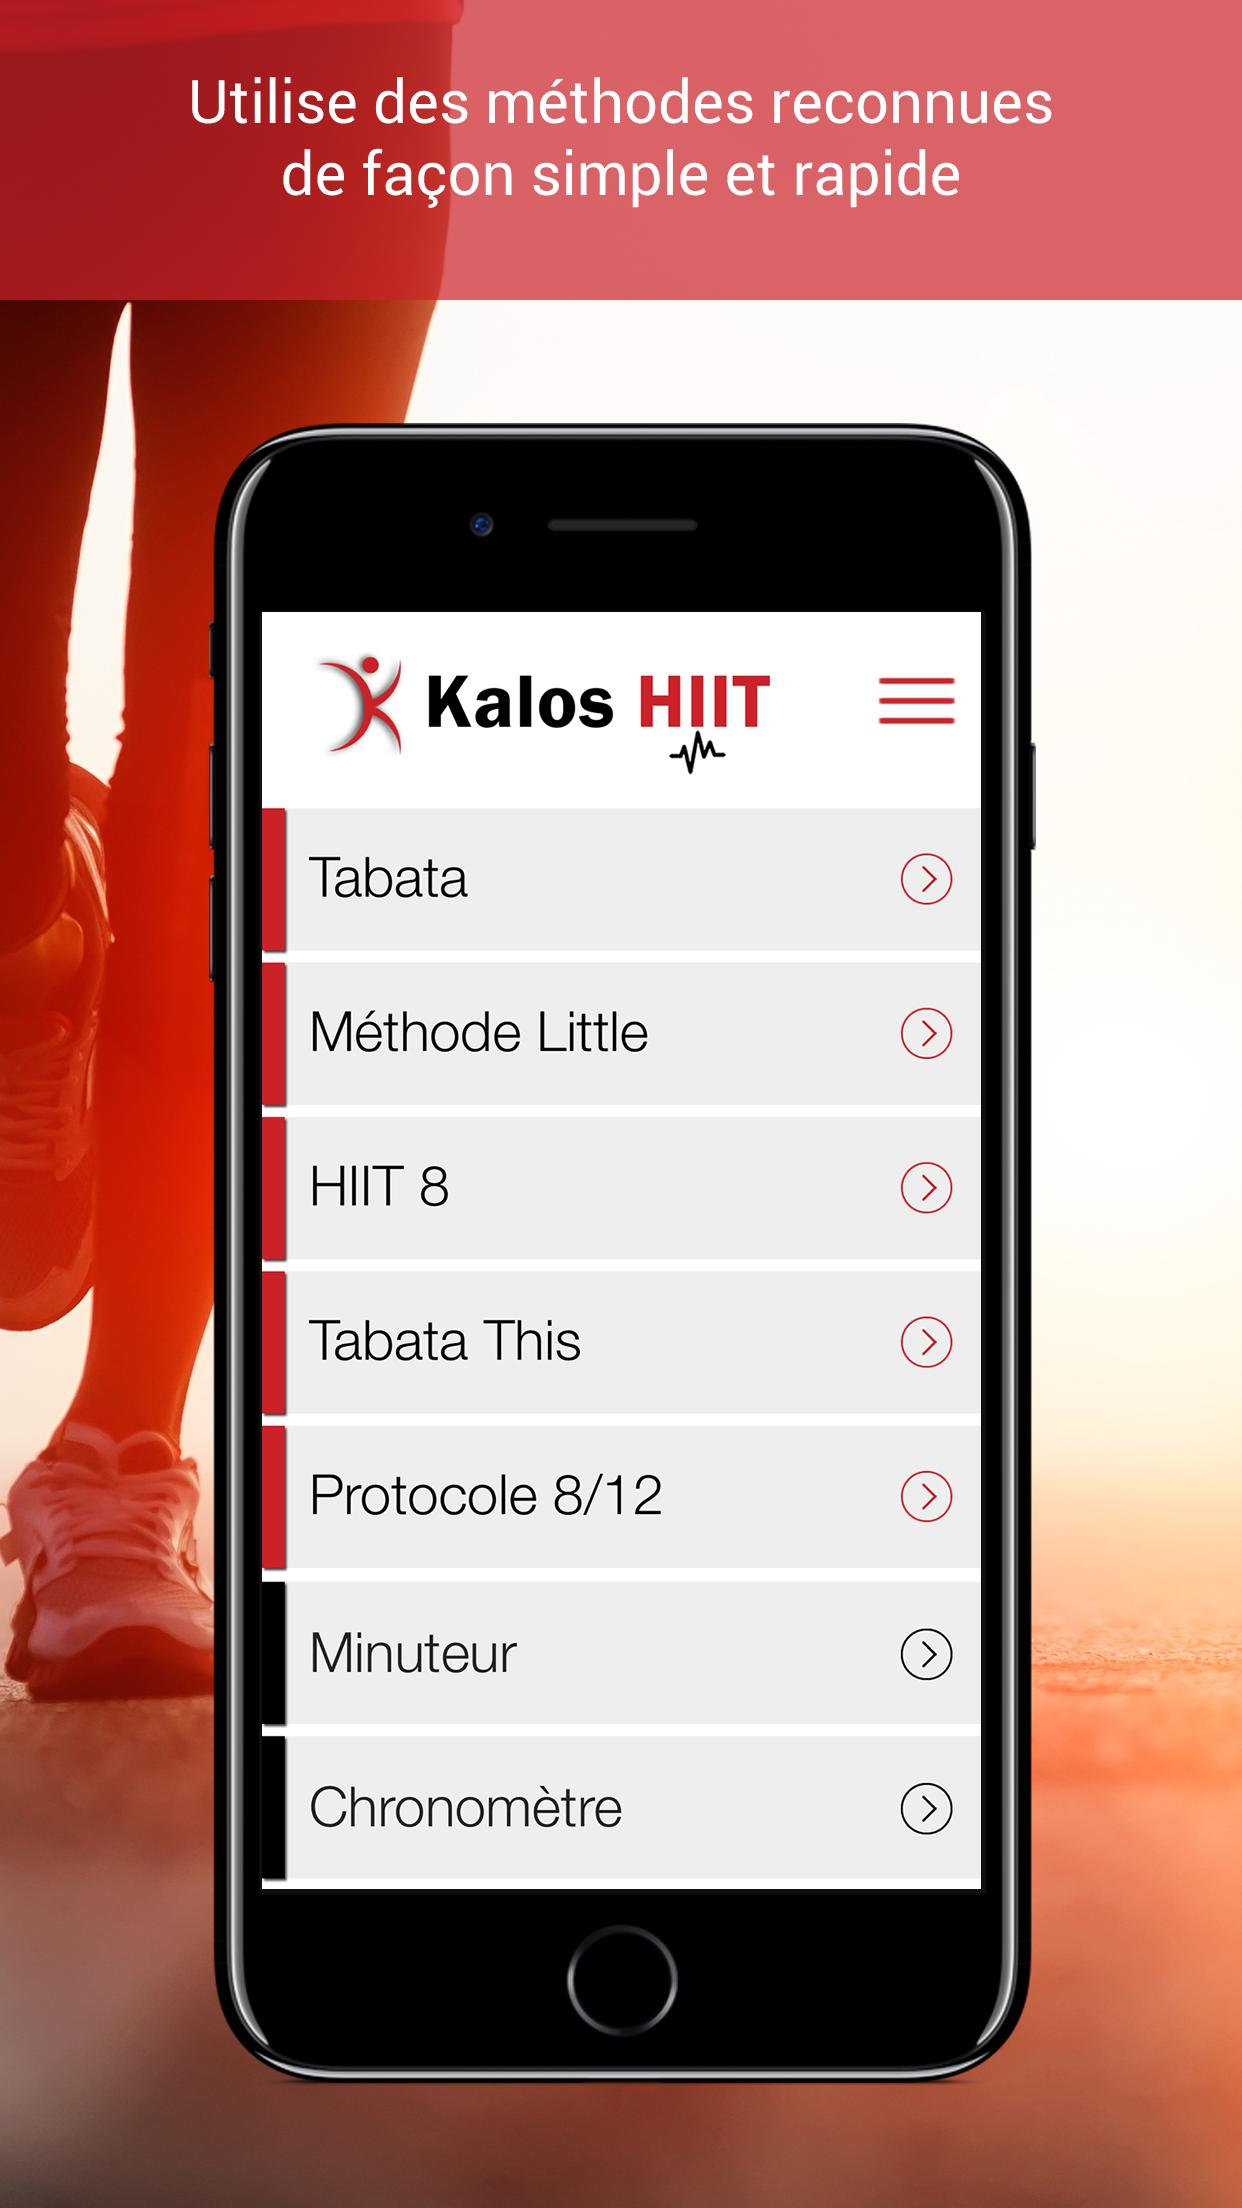 Super App pour le HIIT et la préparation à l'entraînement de type CrossFit ! Disponible en 3 langues : français, anglais, espagnol